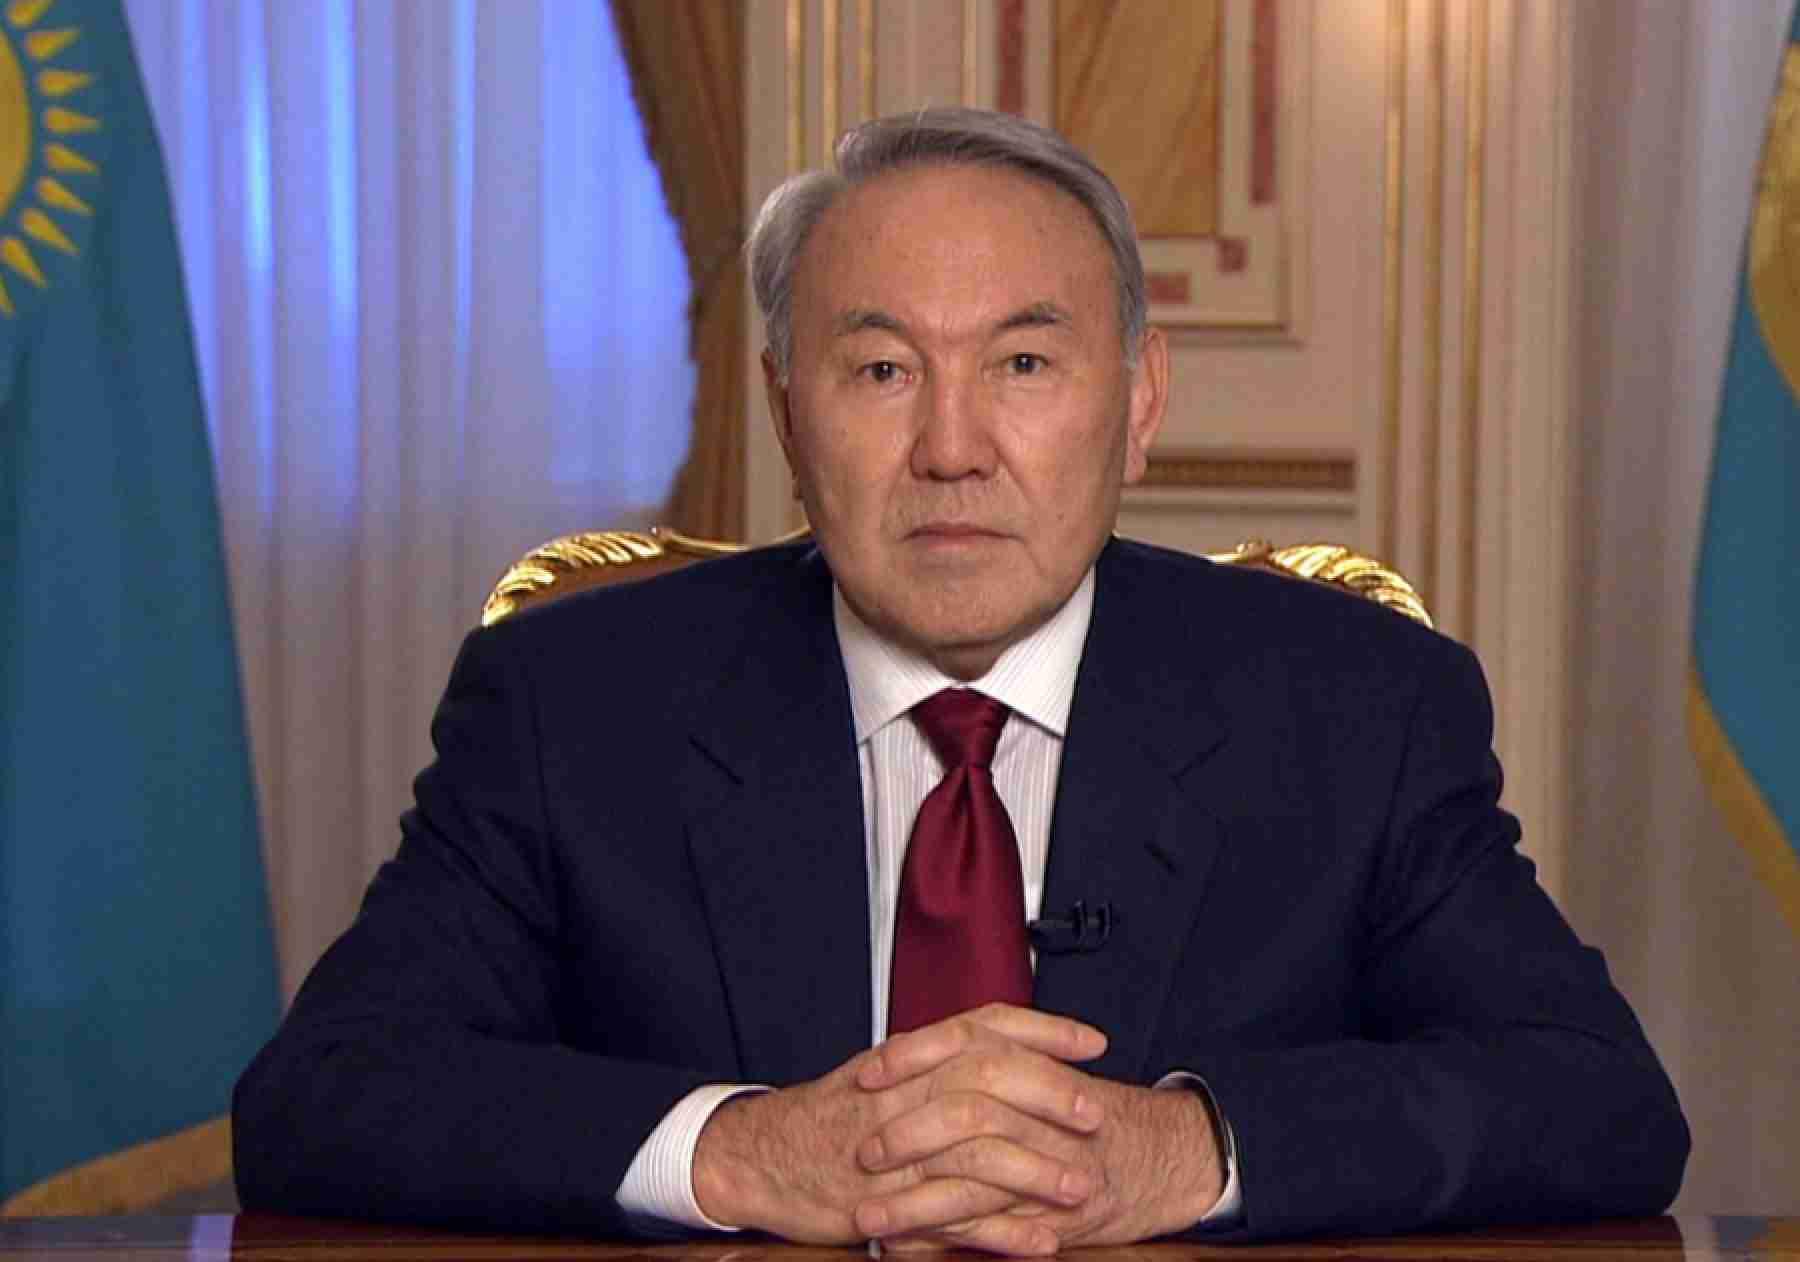 Нурсултан Назарбаев болен коронавирусом: что ждет Елбасы